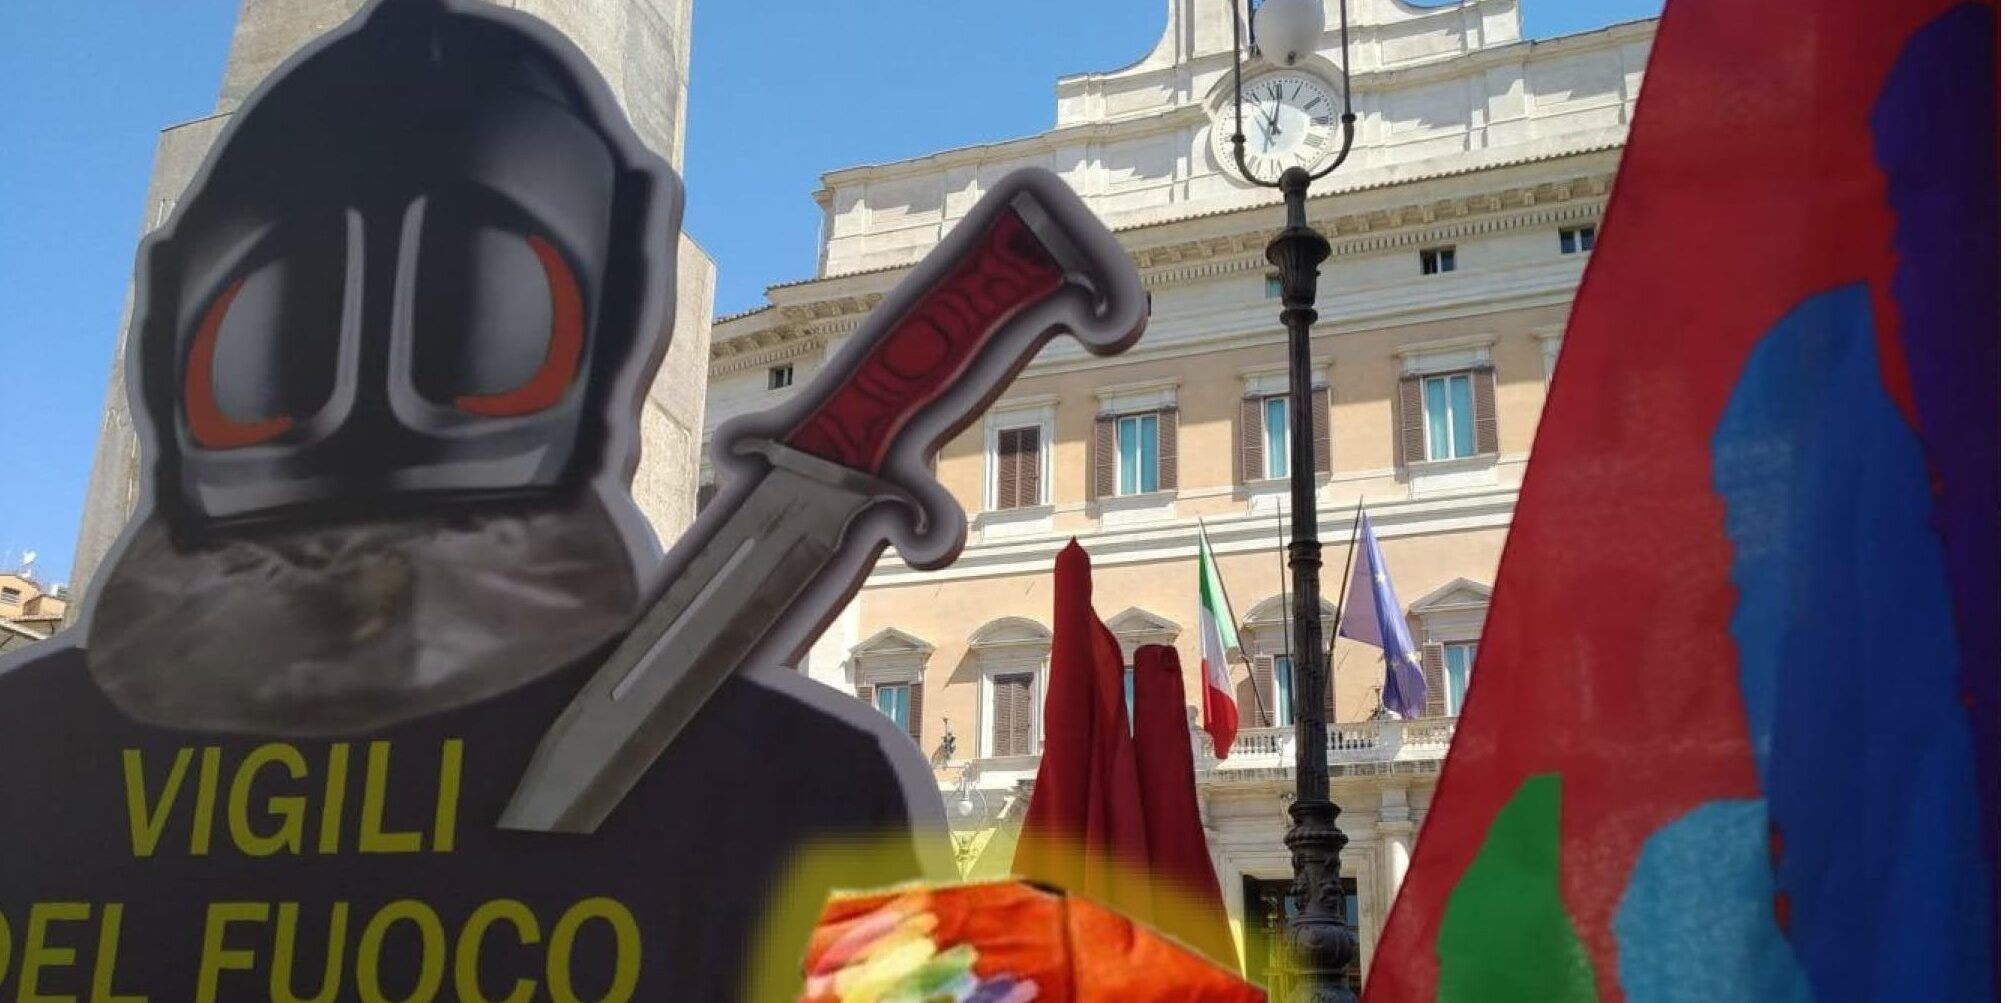 Usb Catanzaro: «Vigili del fuoco senza mezzi e protezioni mentre nessuno fa nulla»